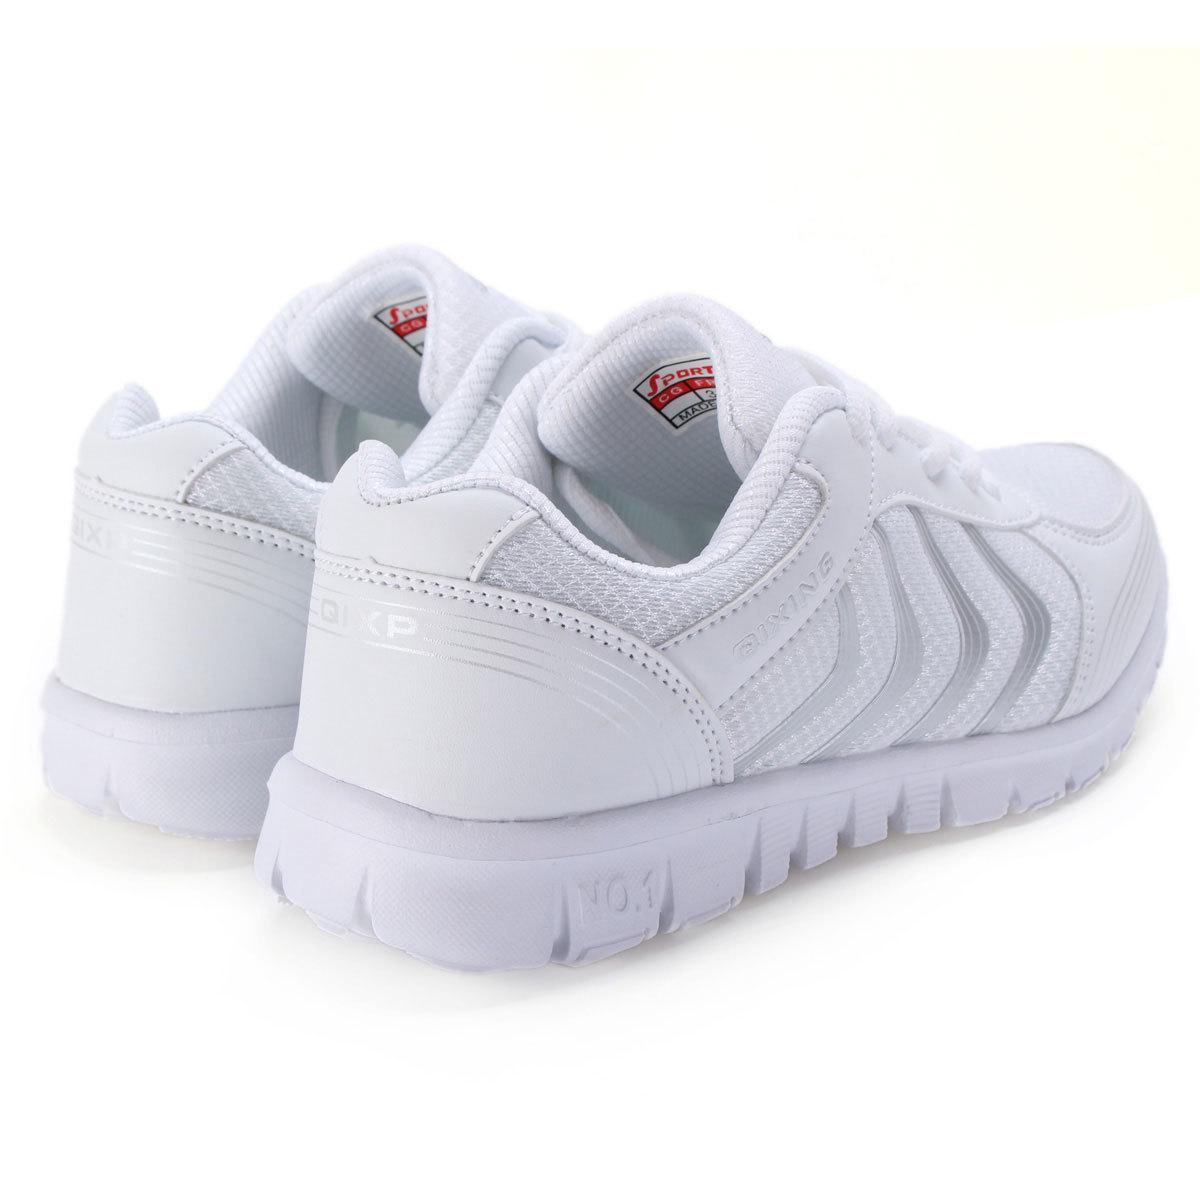 Katalog New Perempuan Pelatih Lari Sepatu Olahraga Sepatu Fashion Untuk Menyerap Guncangan Intl Oem Terbaru